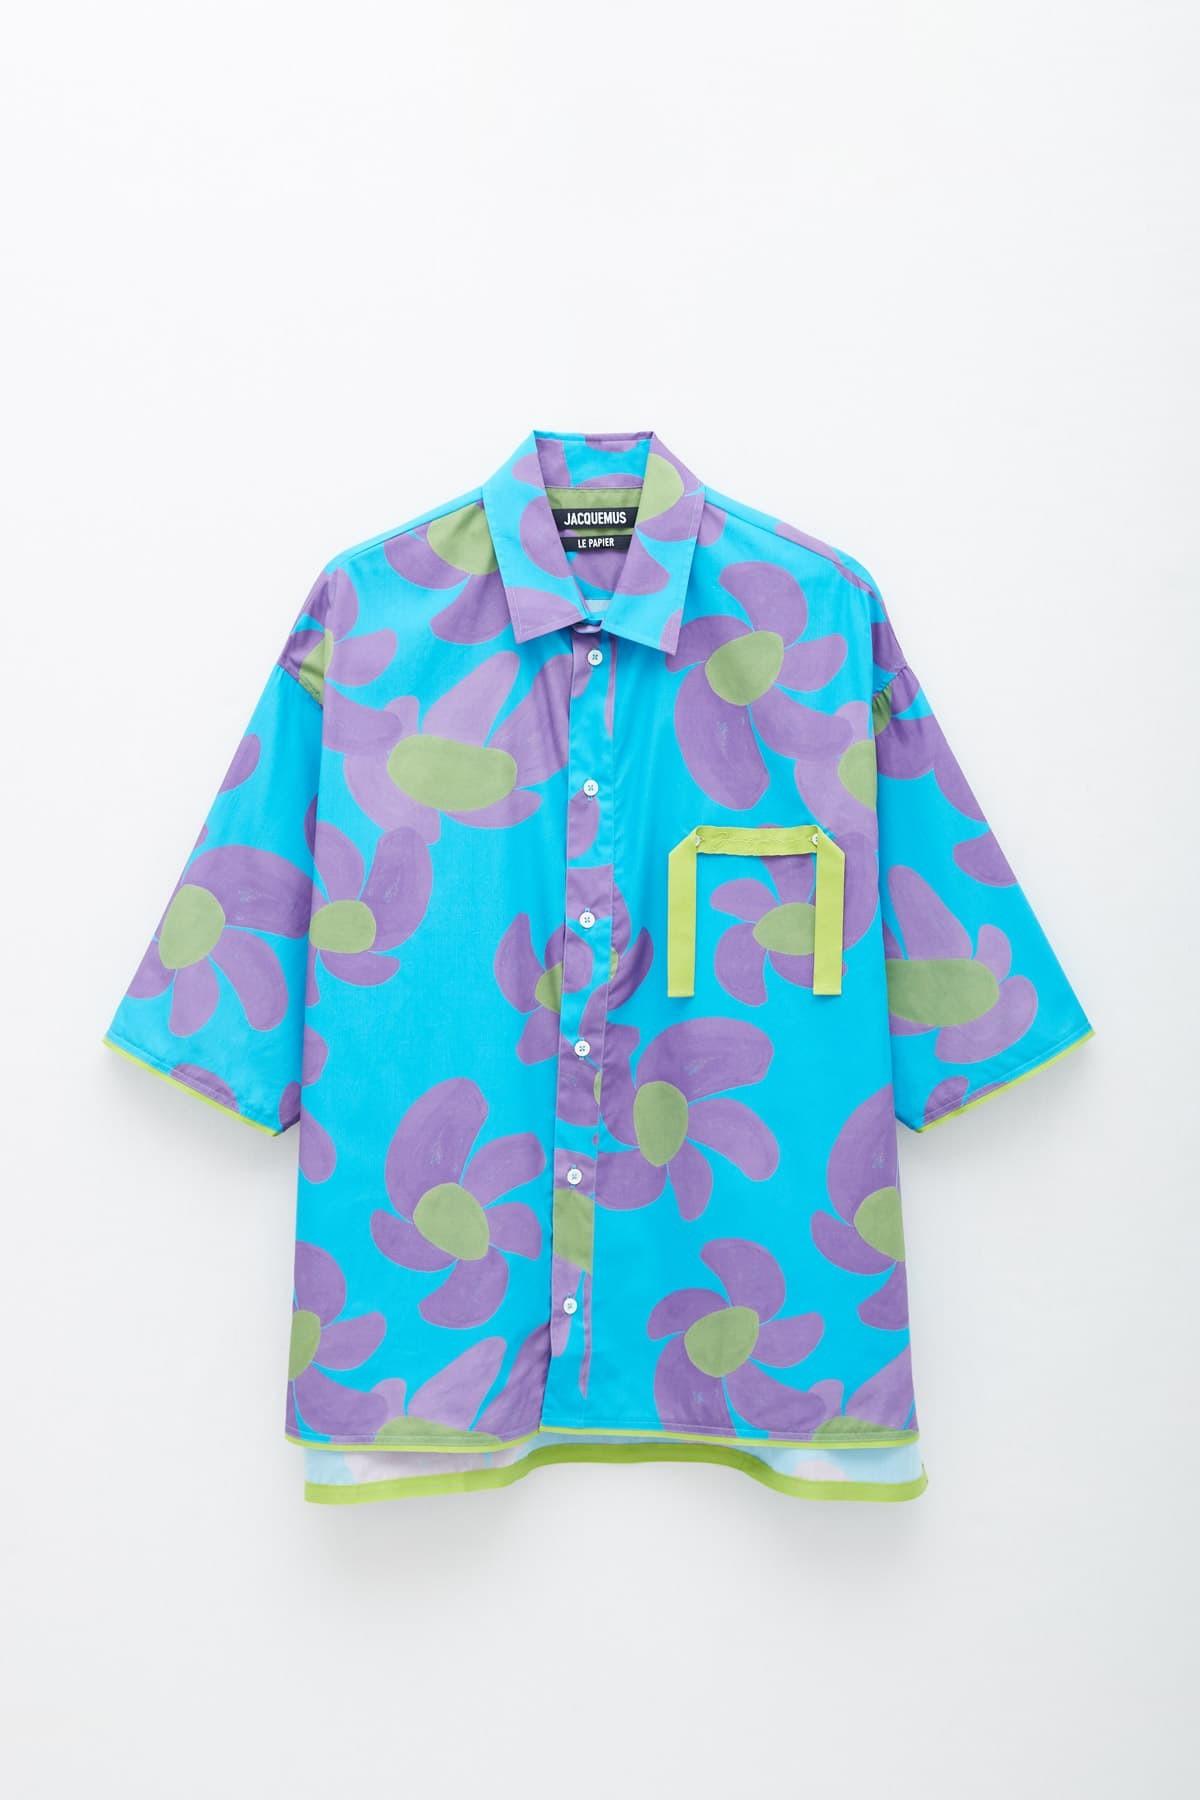 Comprar Comme Des Garcons x Futura Pink W28610 Shopper Bag